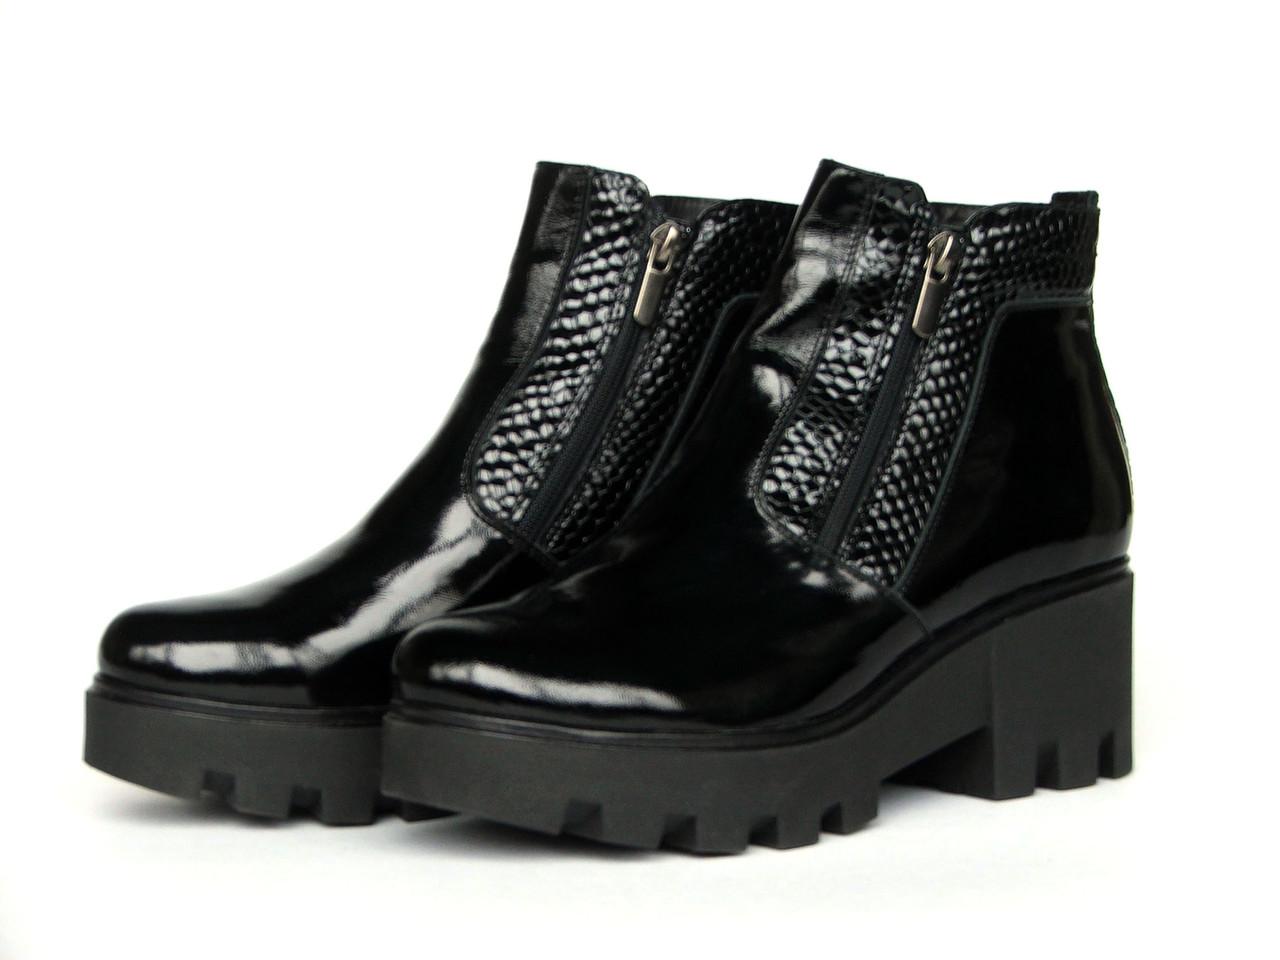 """Ботинки женские """"Две молнии на тракторной подошве"""" из лаковой кожи с фактурными вставками"""